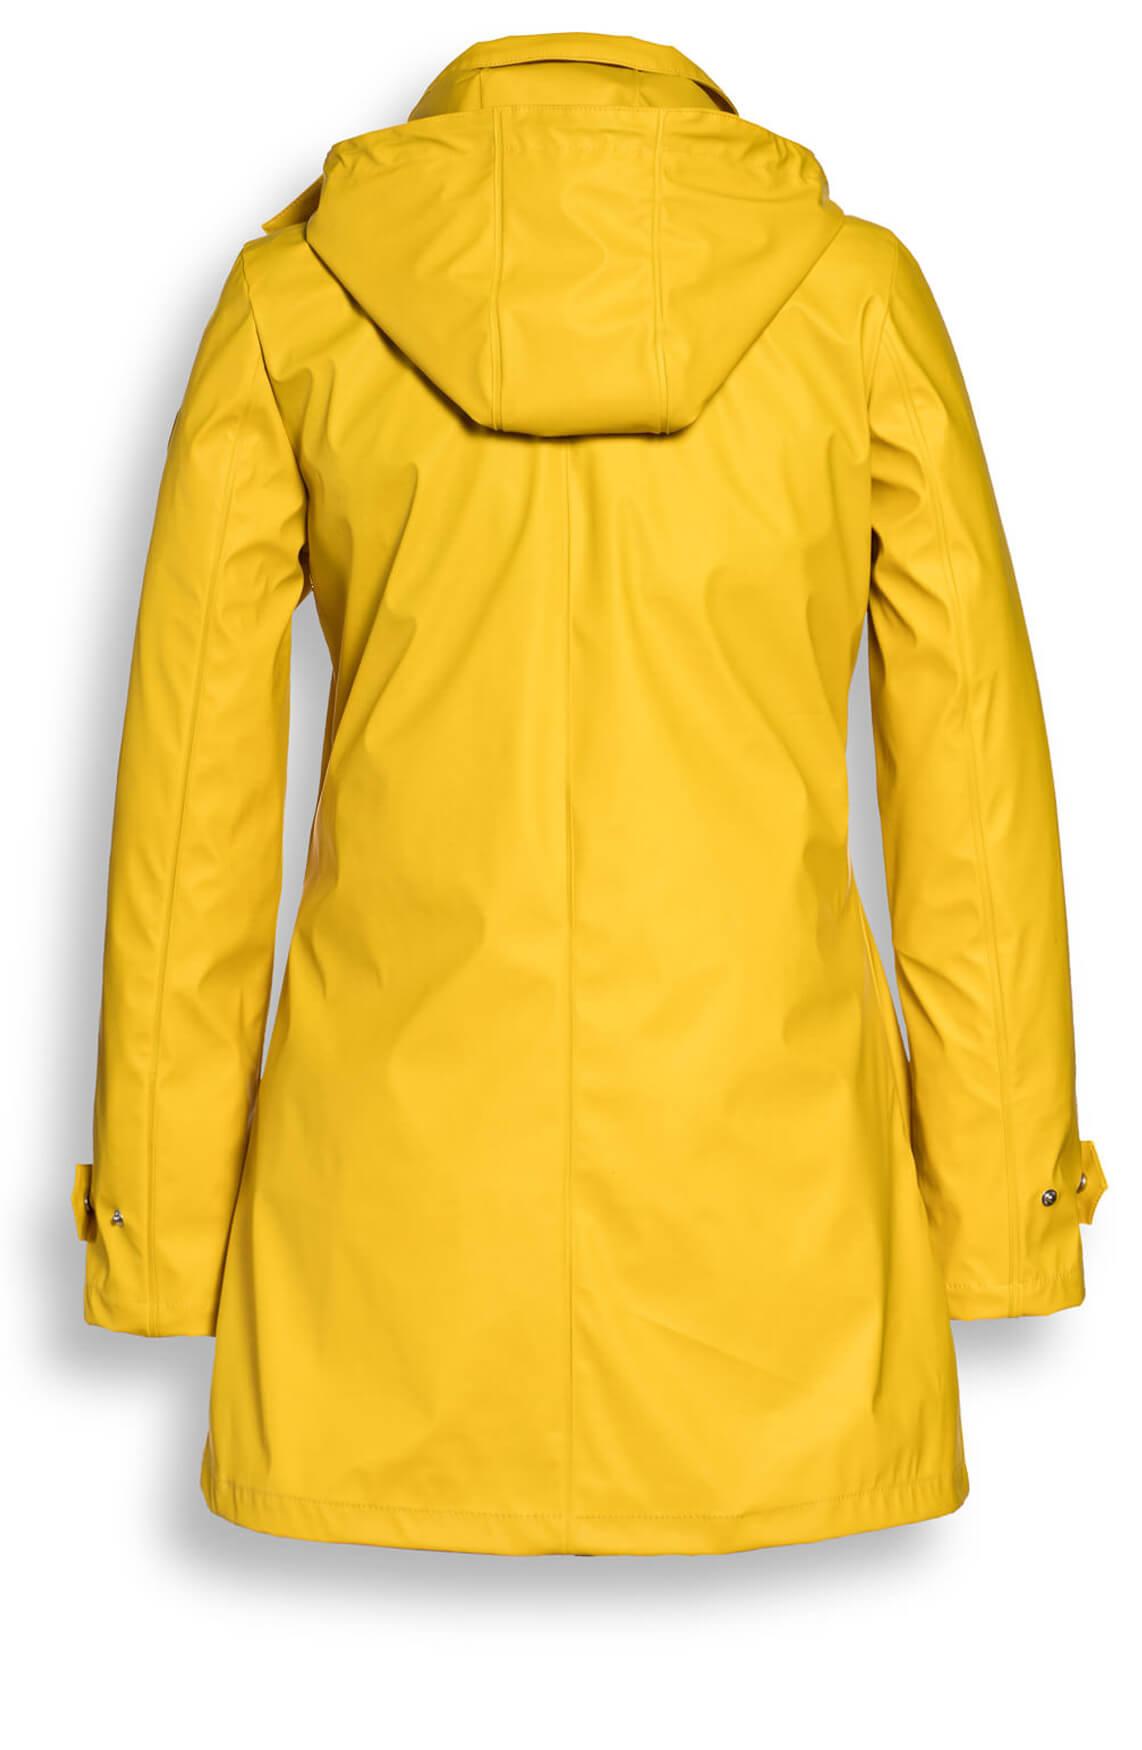 Beaumont Dames Regenjas geel